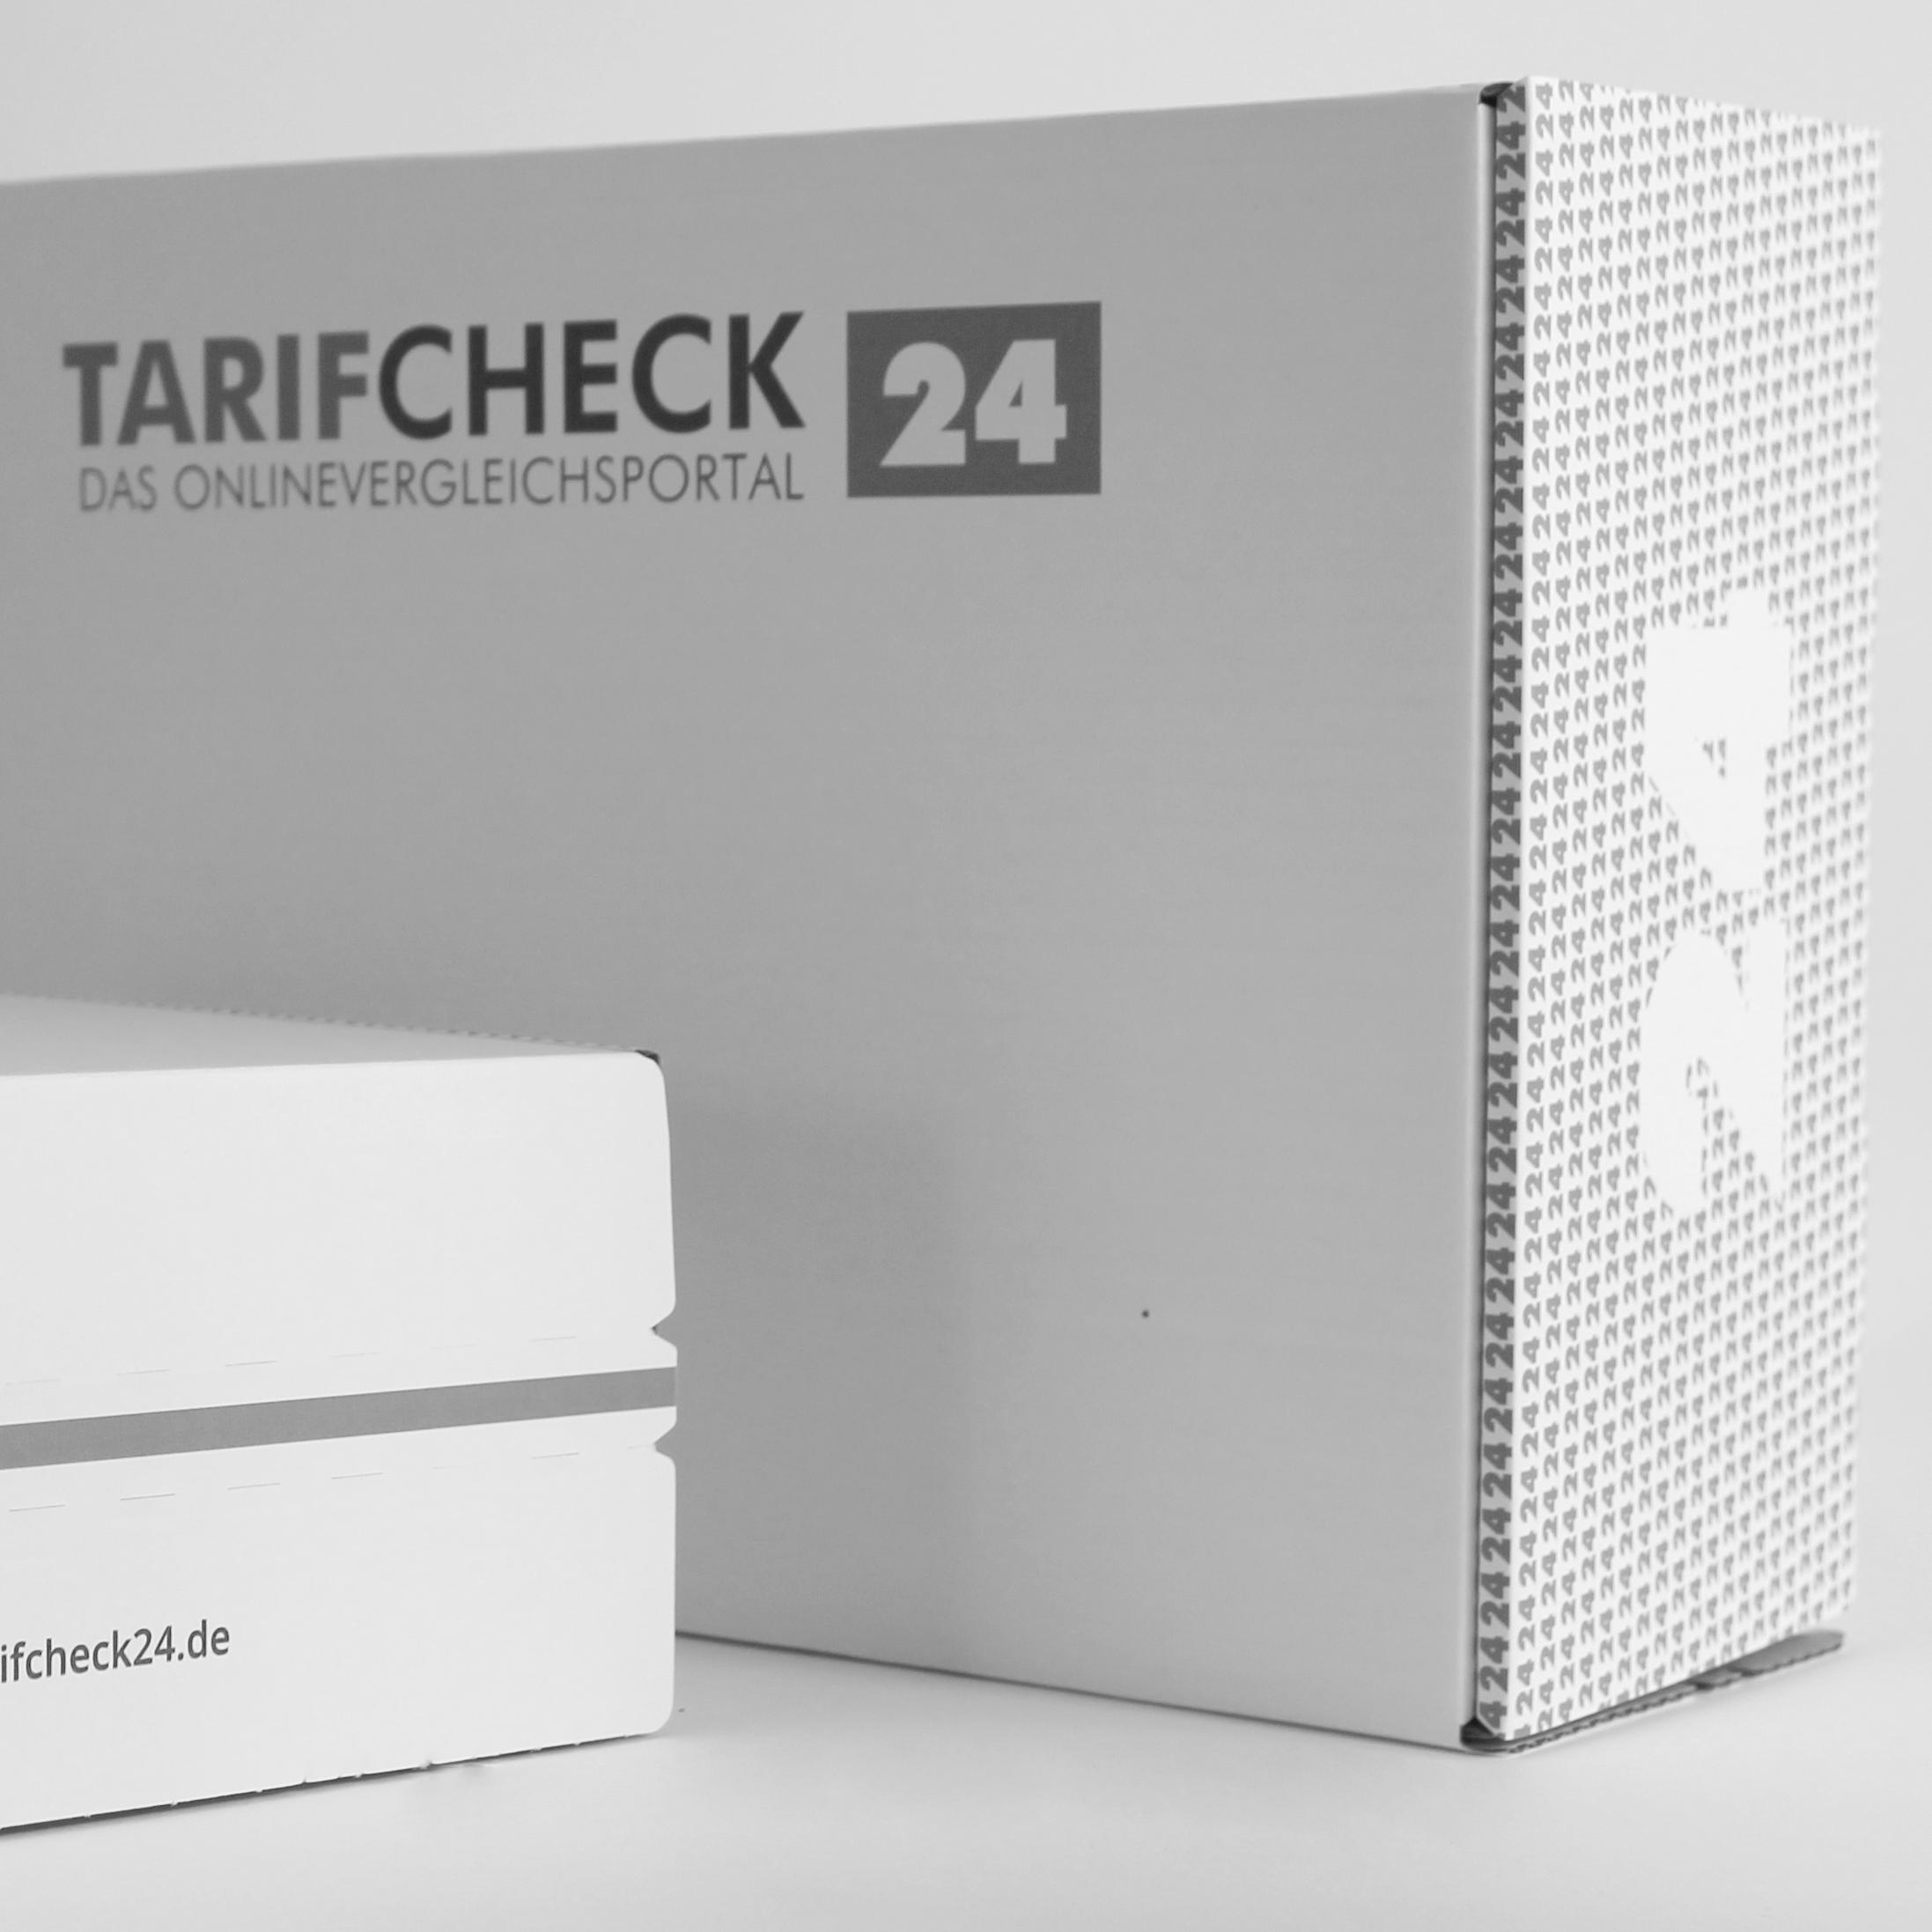 MEAU DESIGN - farbenfrohe Illustrationen und aufgeräumte Grafikdesigns, Vorschaubild Portfolio, Referenzen, TarifCheck24 Versandkartons, Packaging Design, Verpackungsdesign